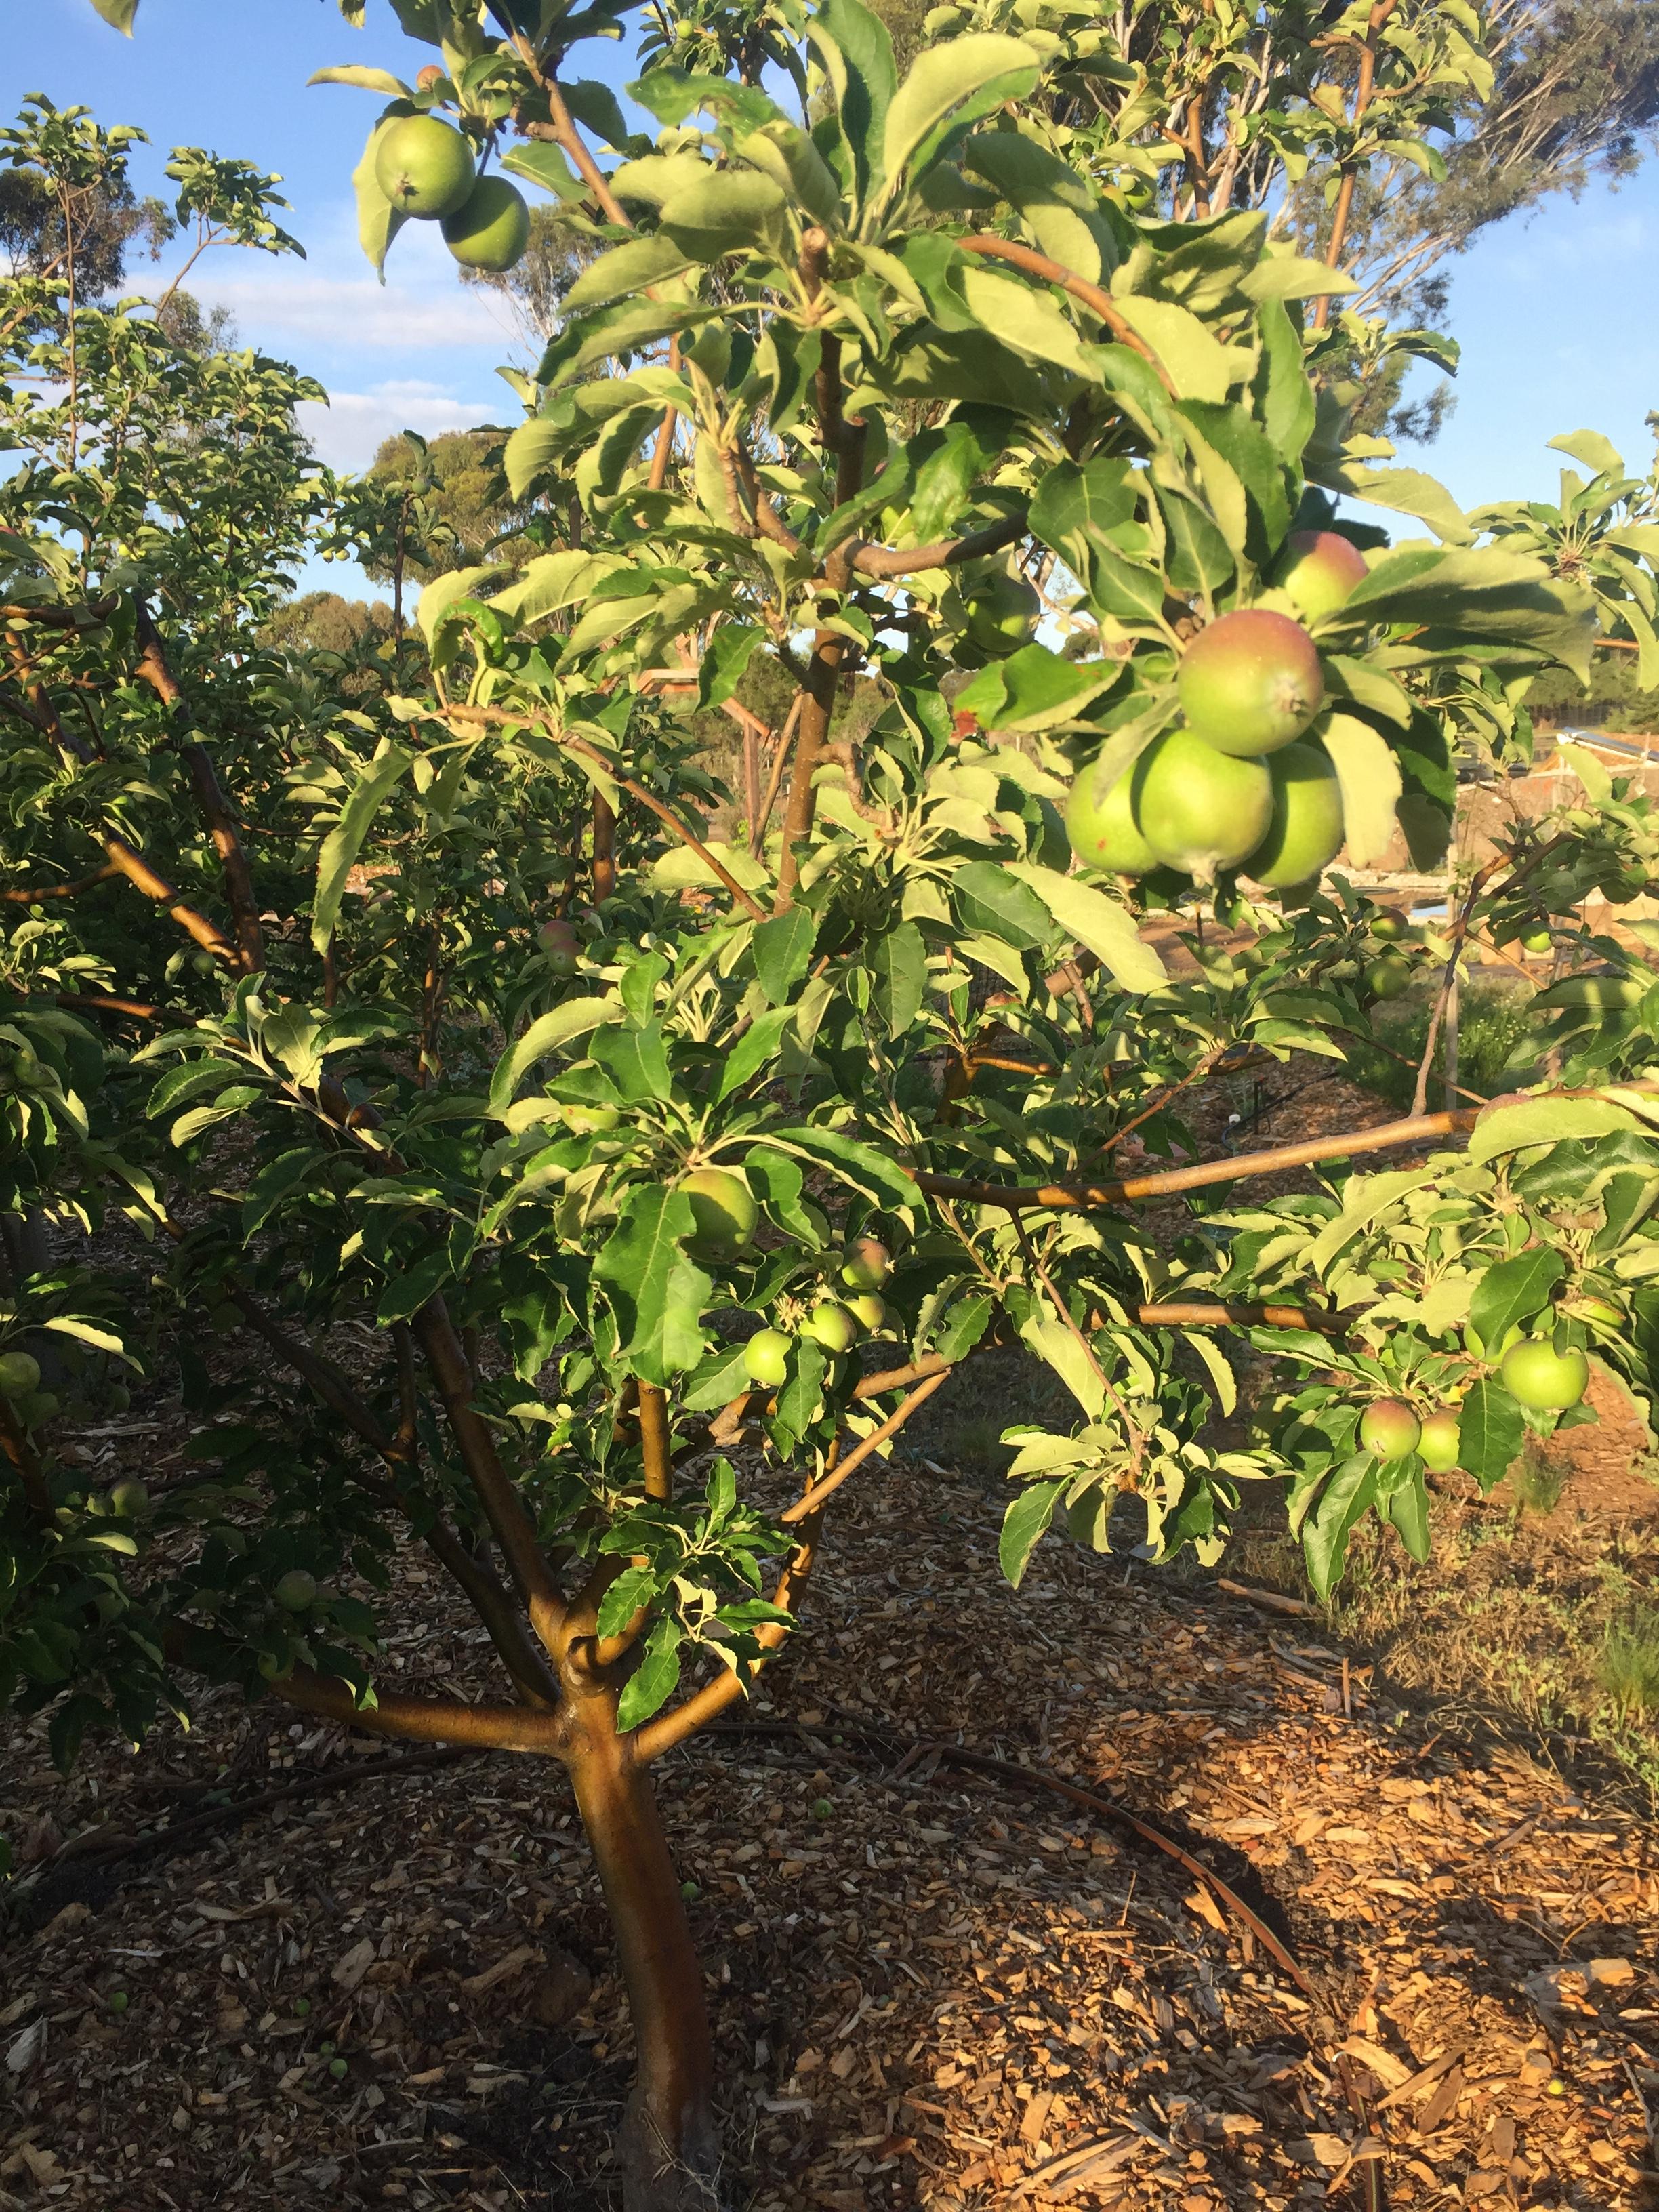 ESummer apples